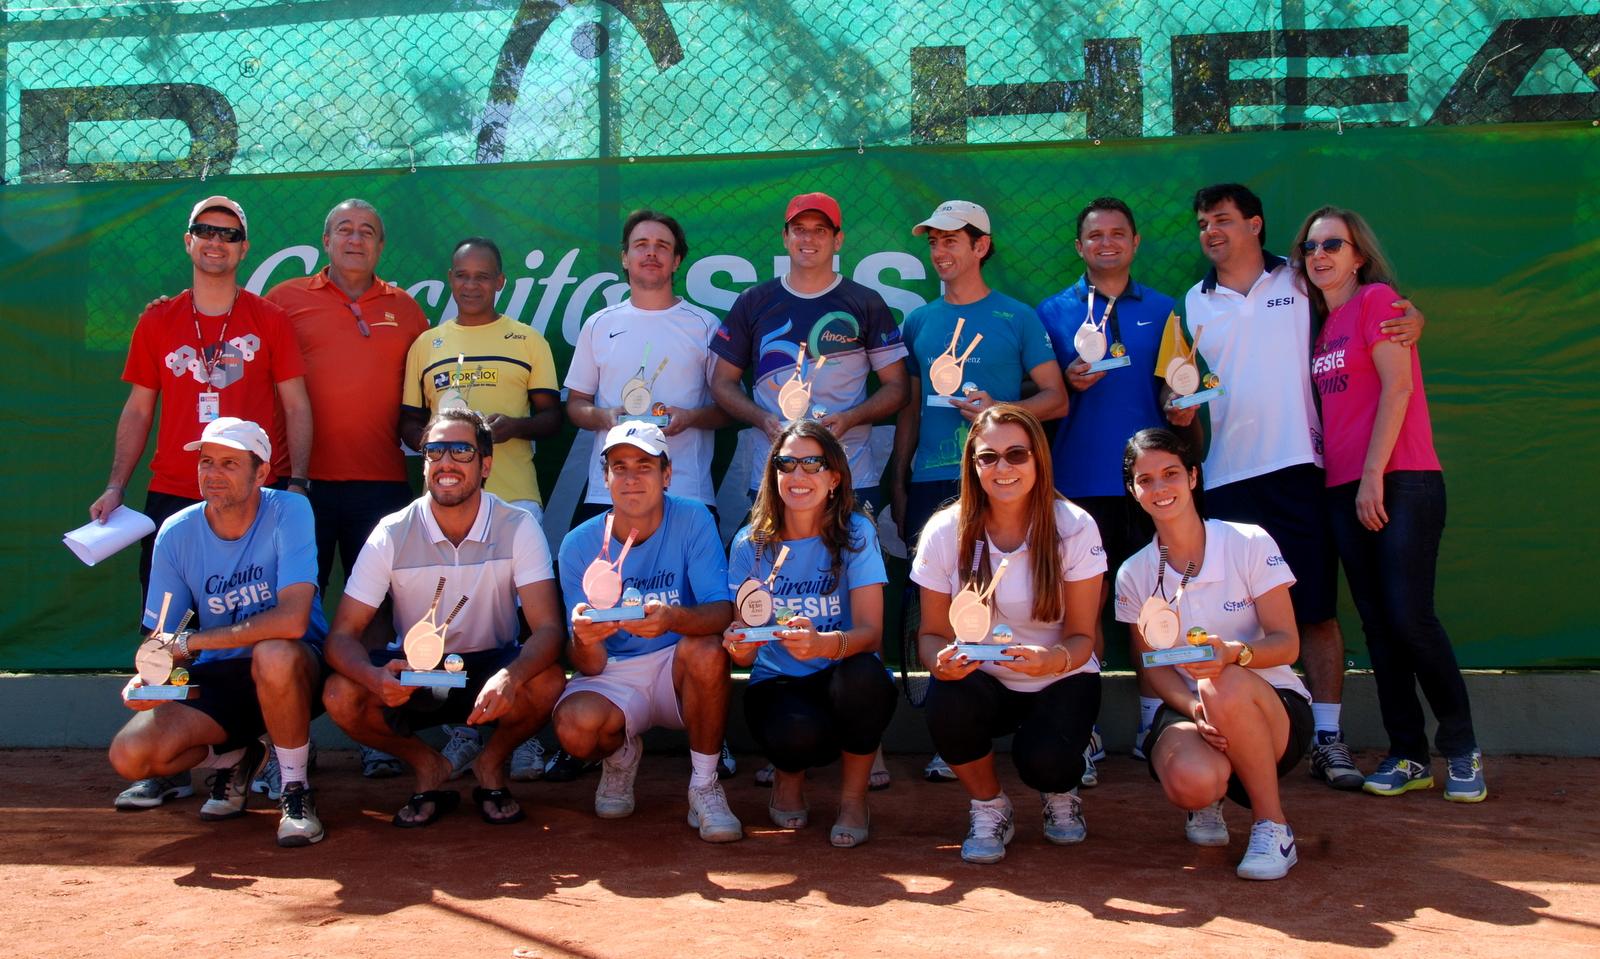 Tênis define título da BD nos Jogos Sesi. Veja galeria de fotos